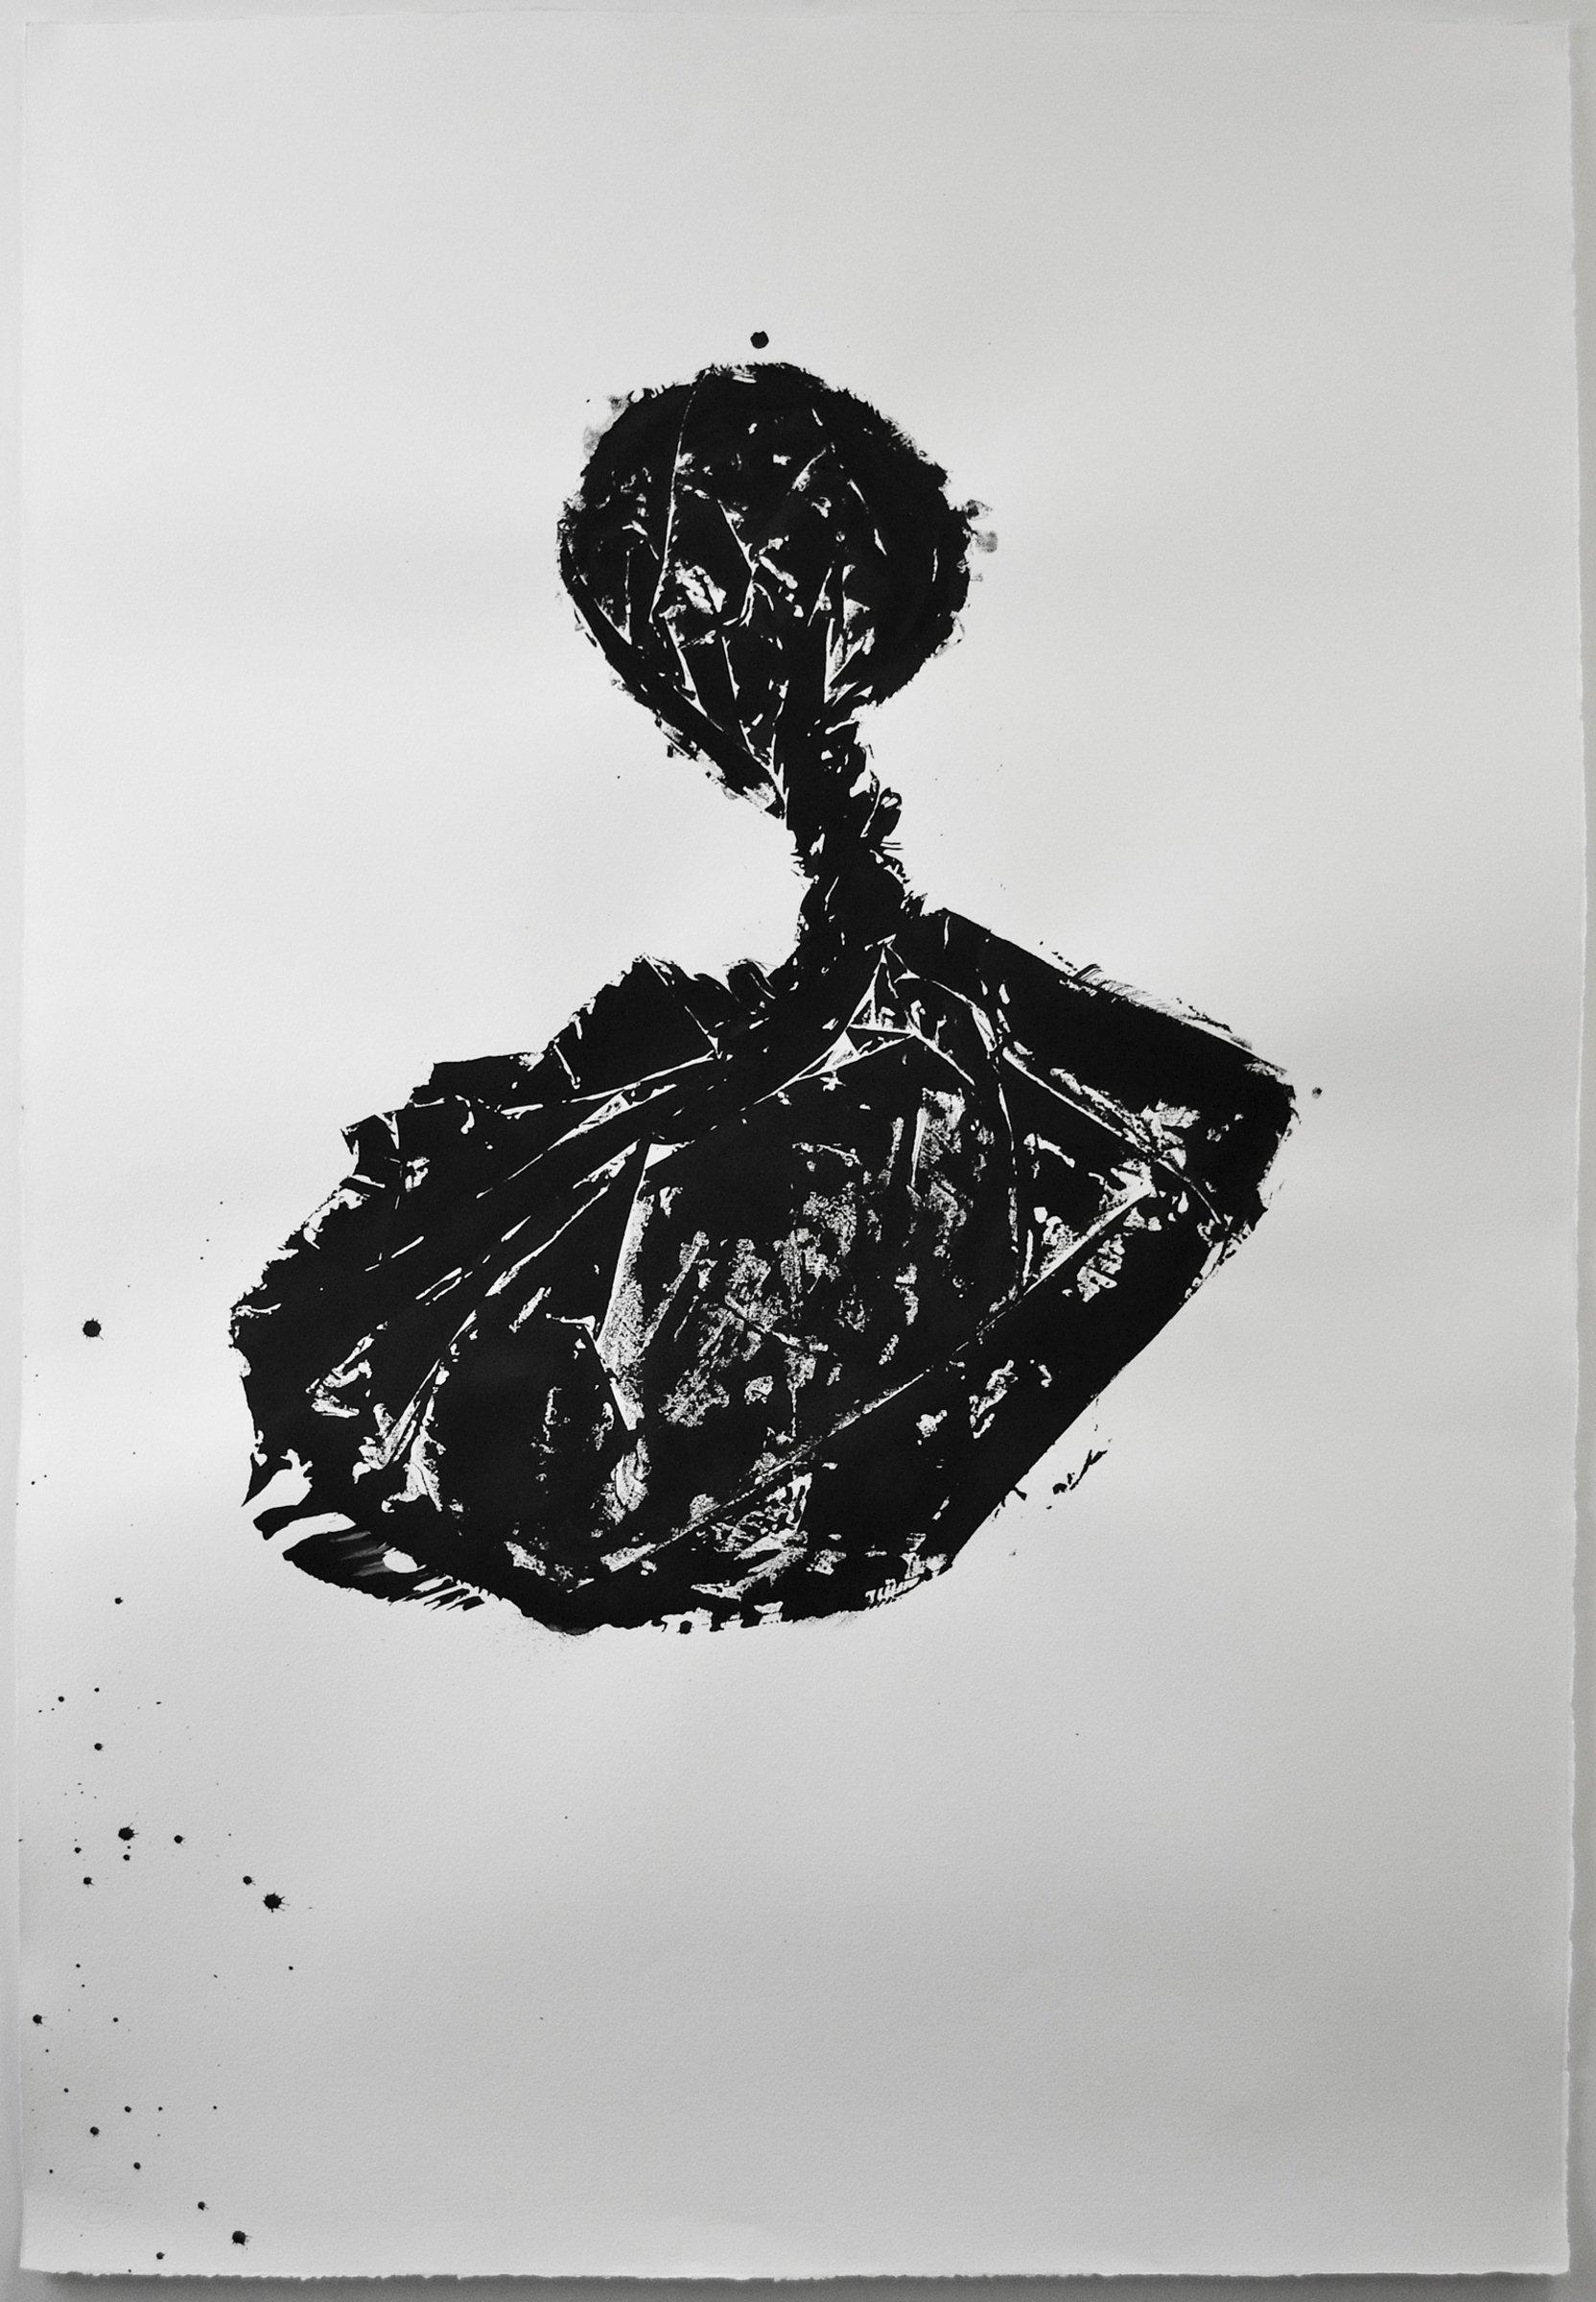 Liz Jaff, Black Magic Study 9, 2016